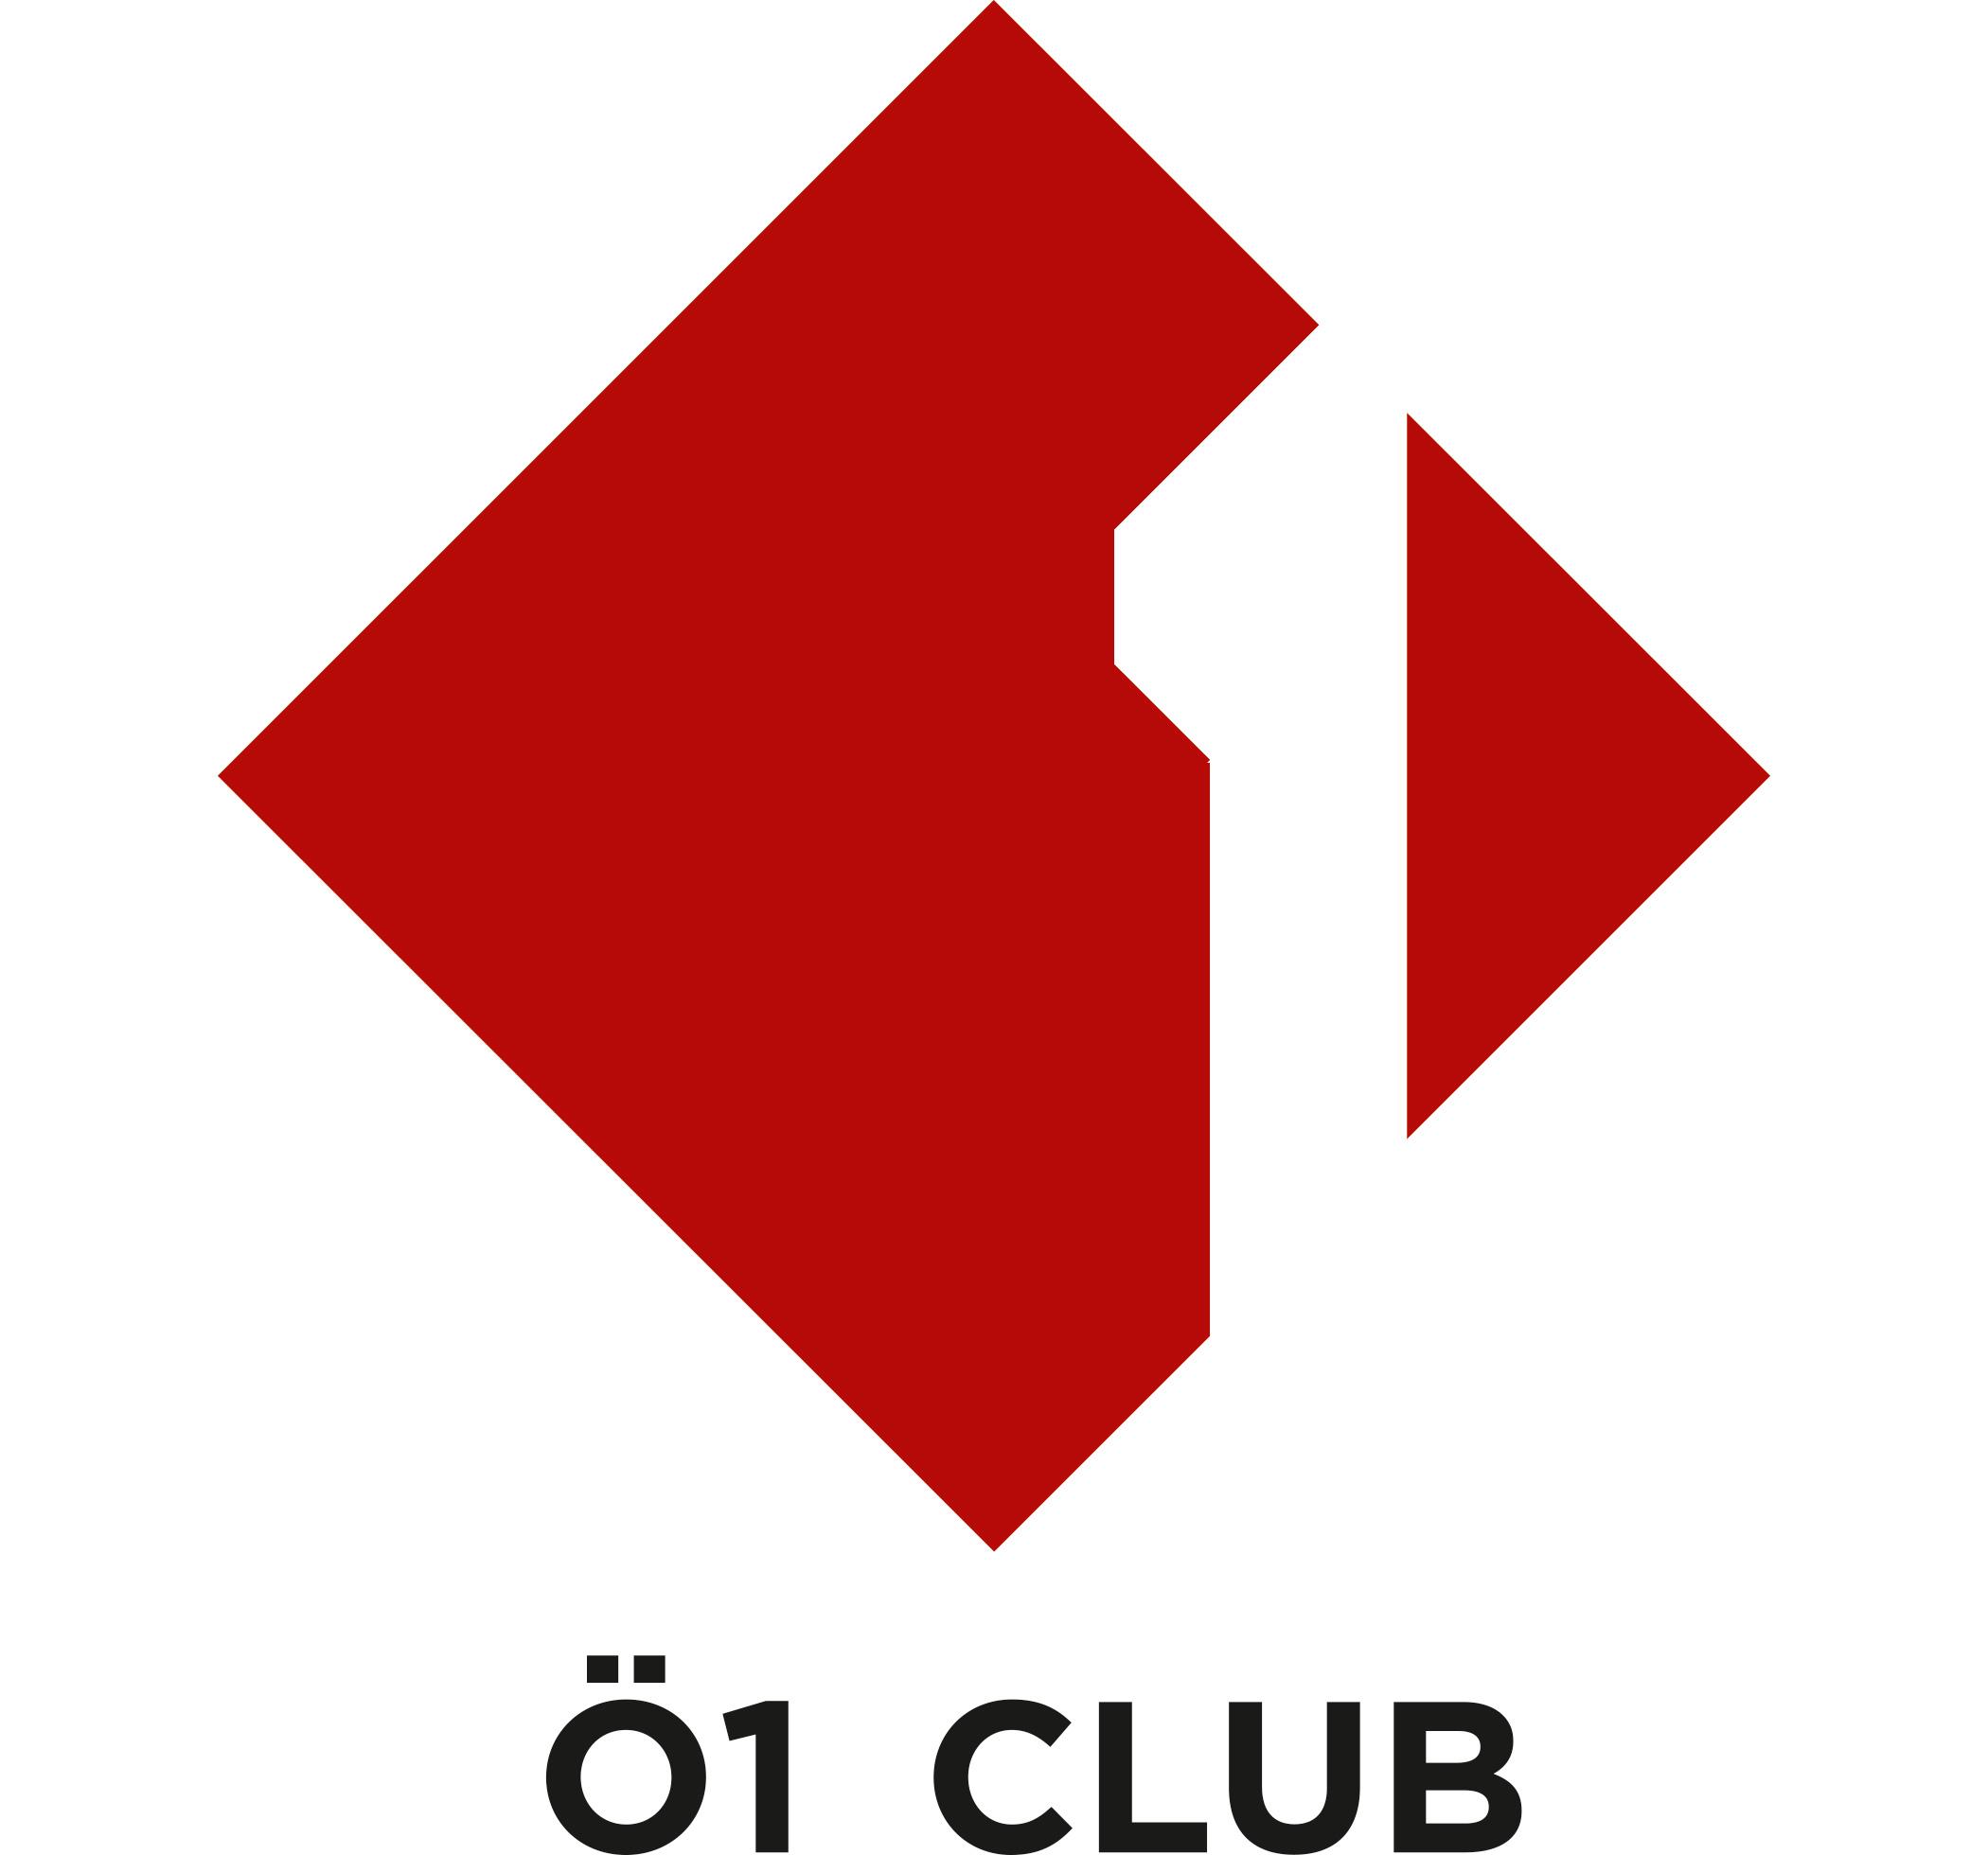 Ö1-Club